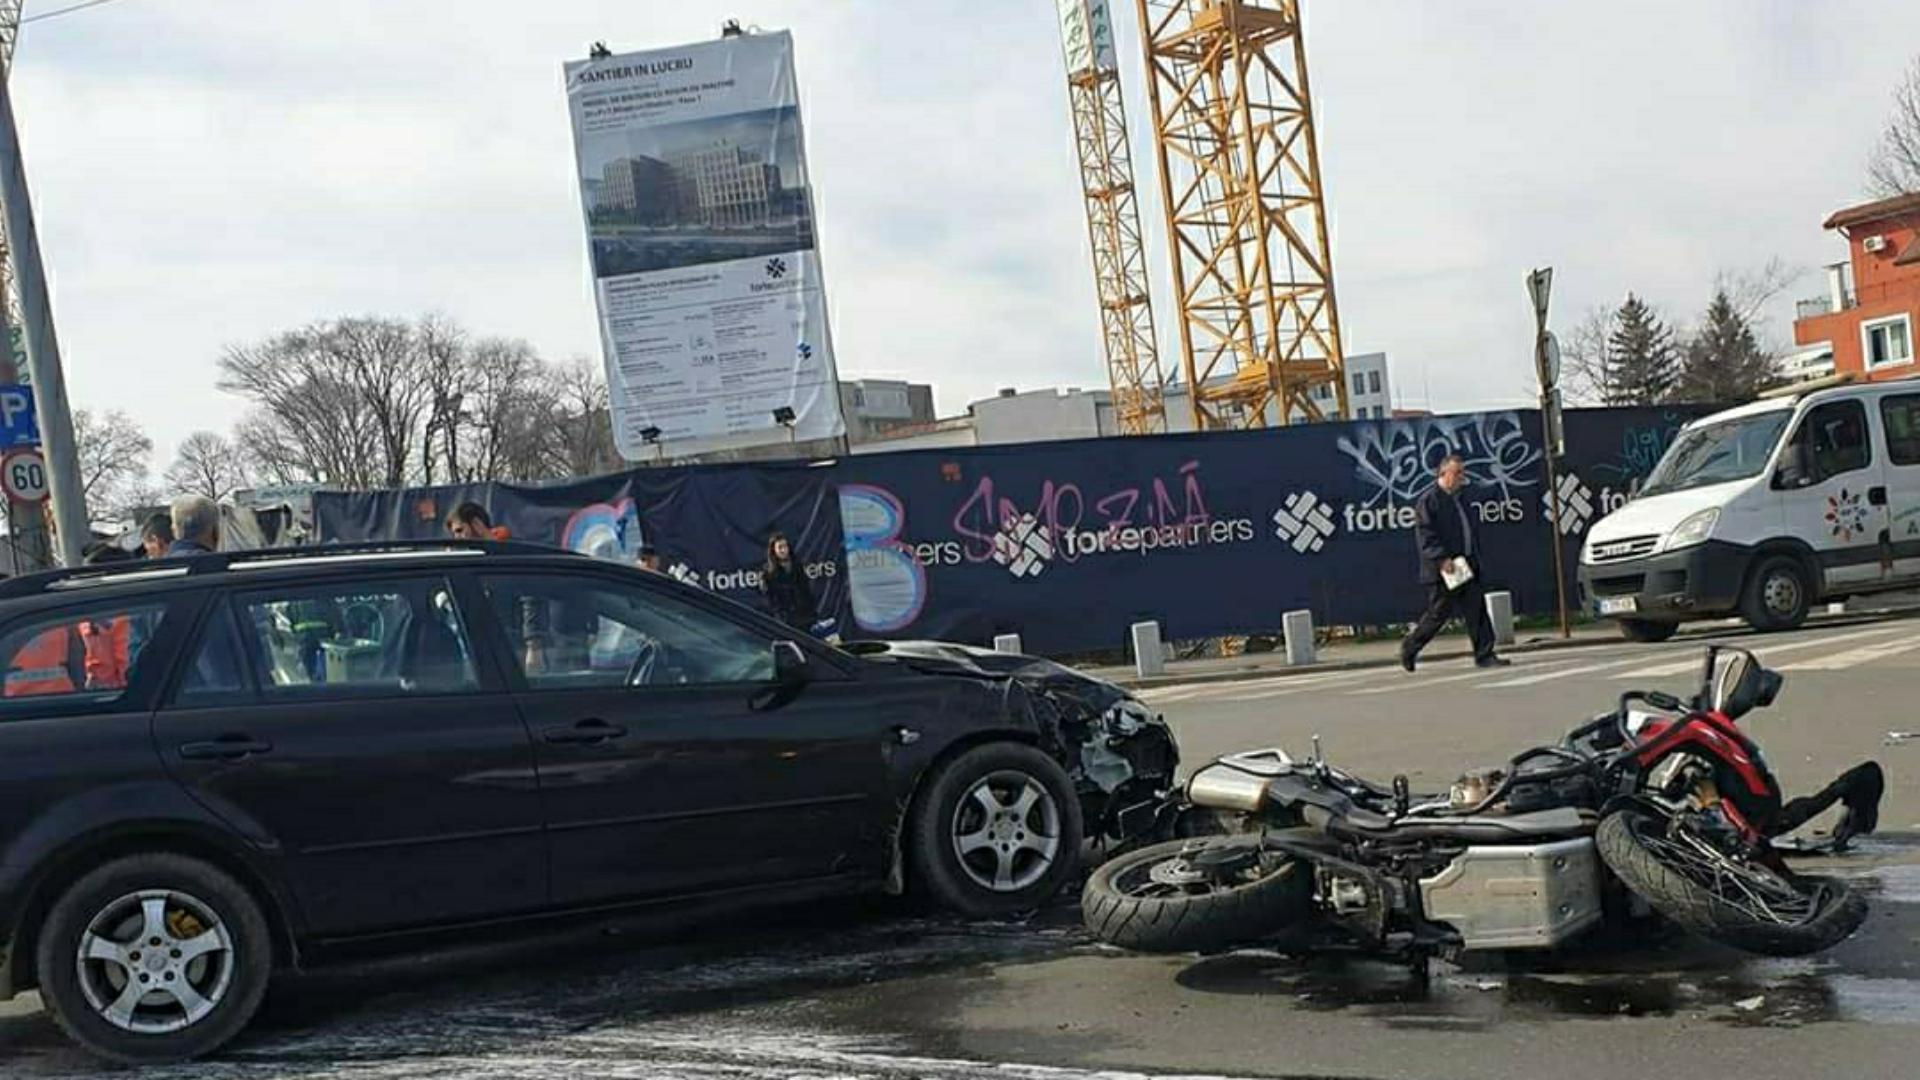 Foto | Accident cu victime, în urma impactului dintre o motocicletă și un autoturism, în București